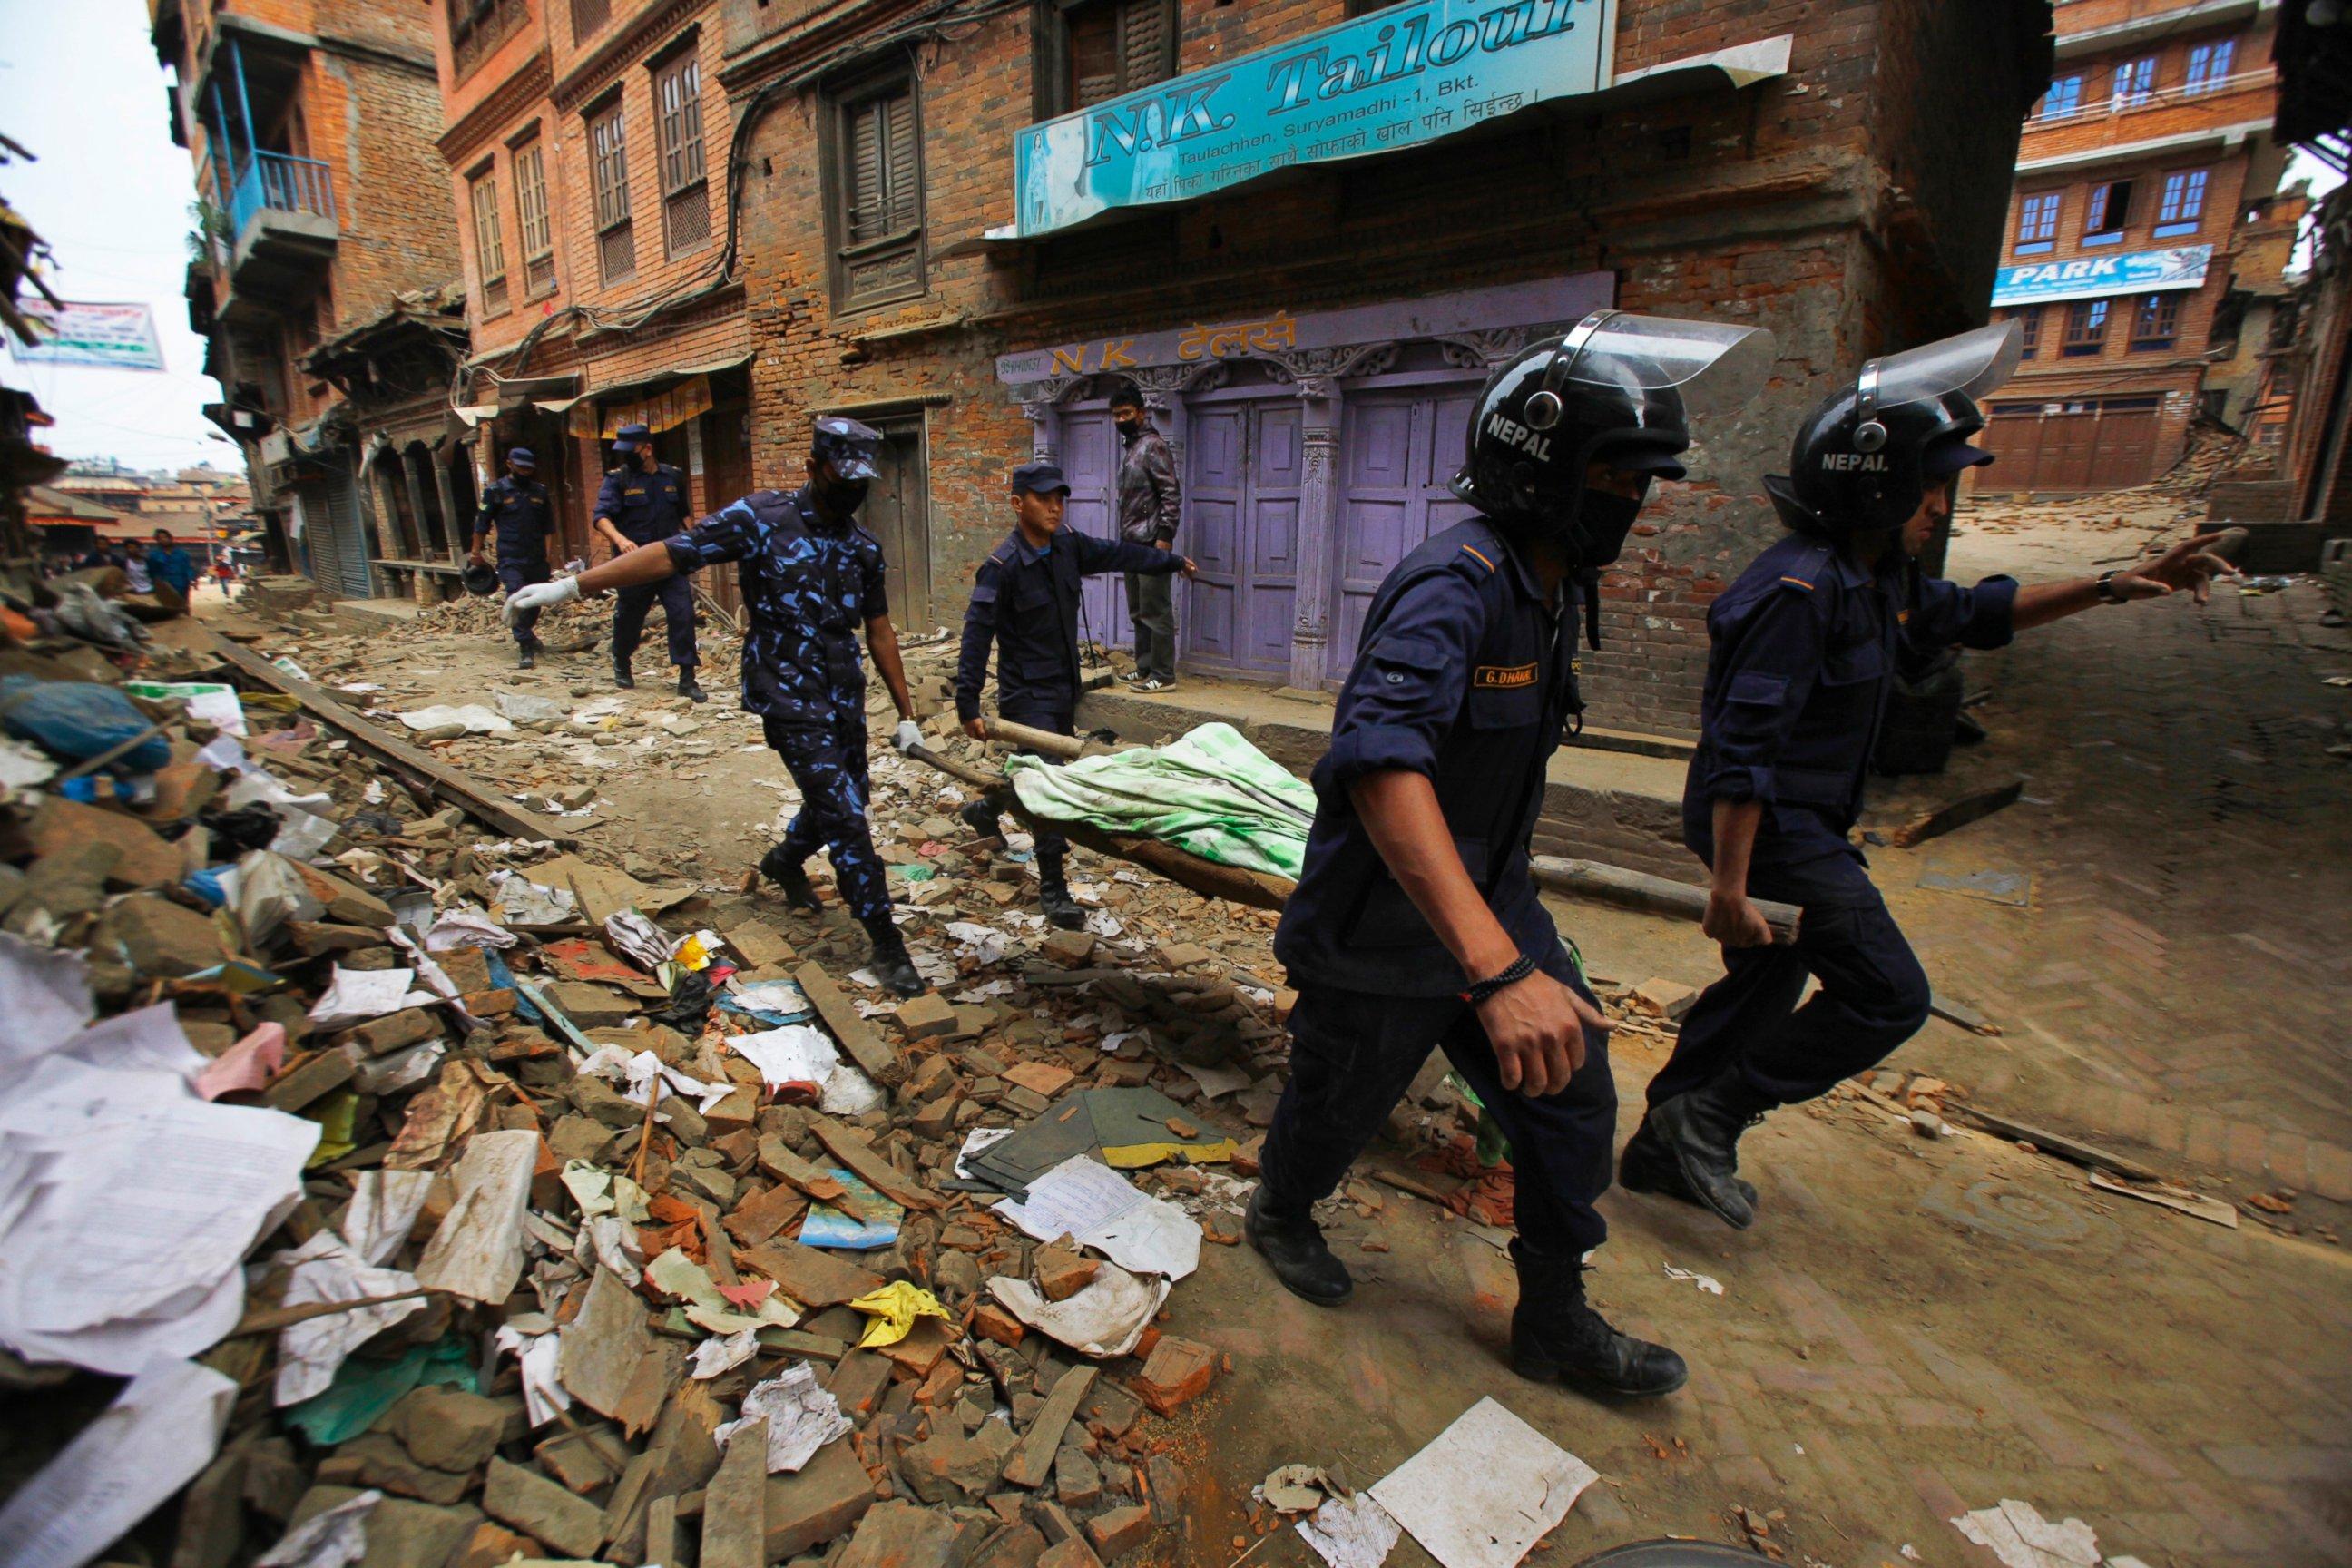 GTY_nepal_earthquake_7_jt_150426